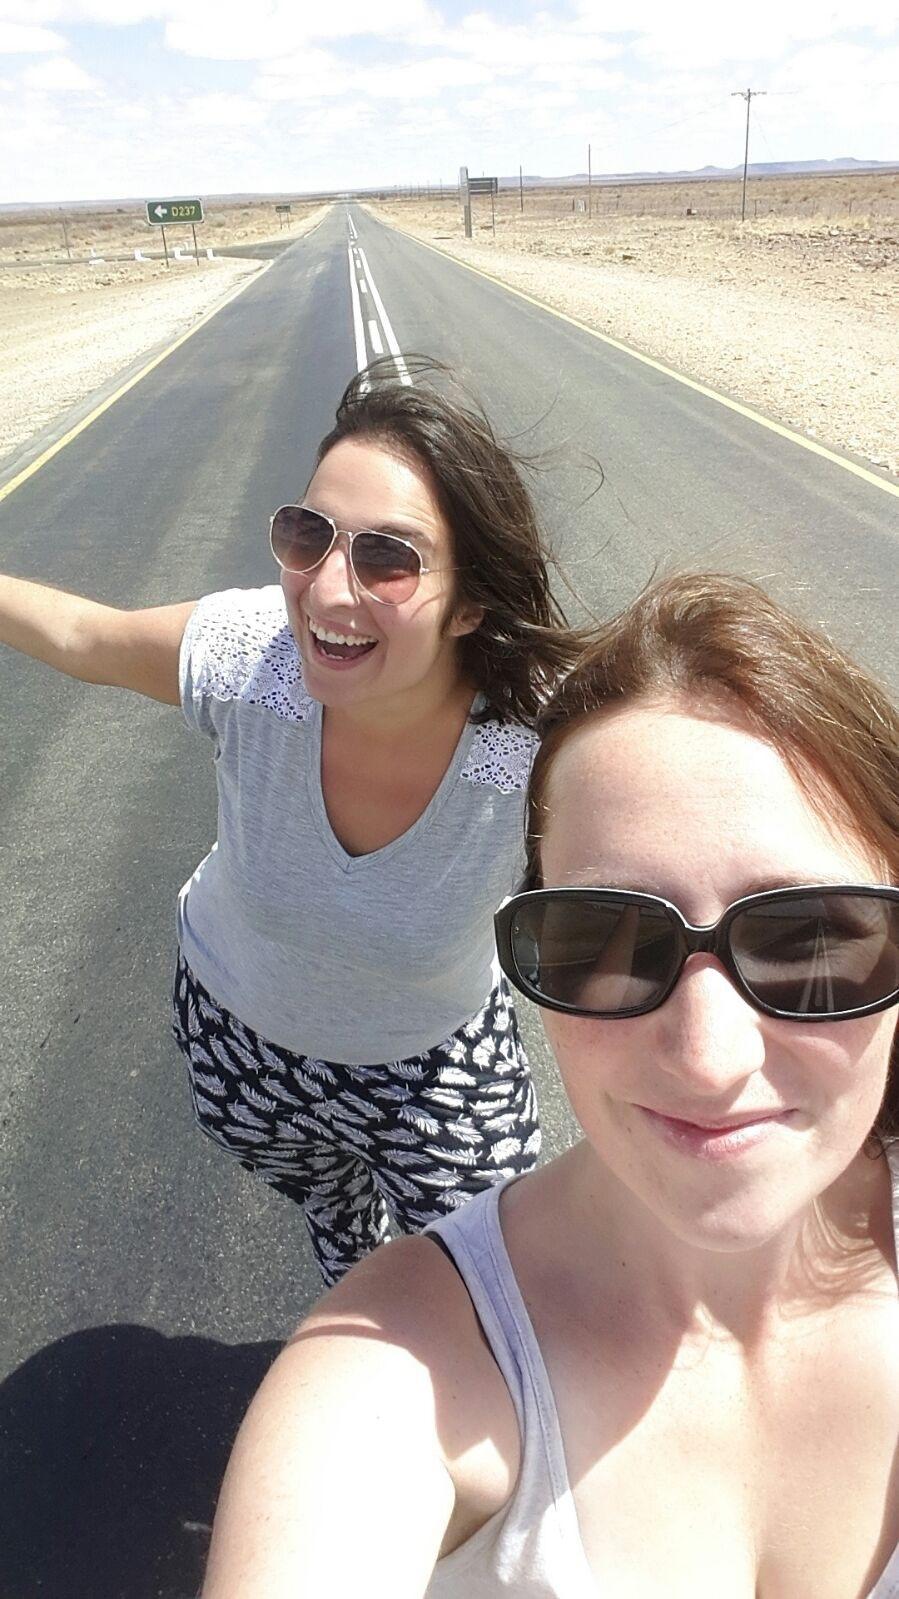 Wüsten-Selfie noch auf guten Straßen